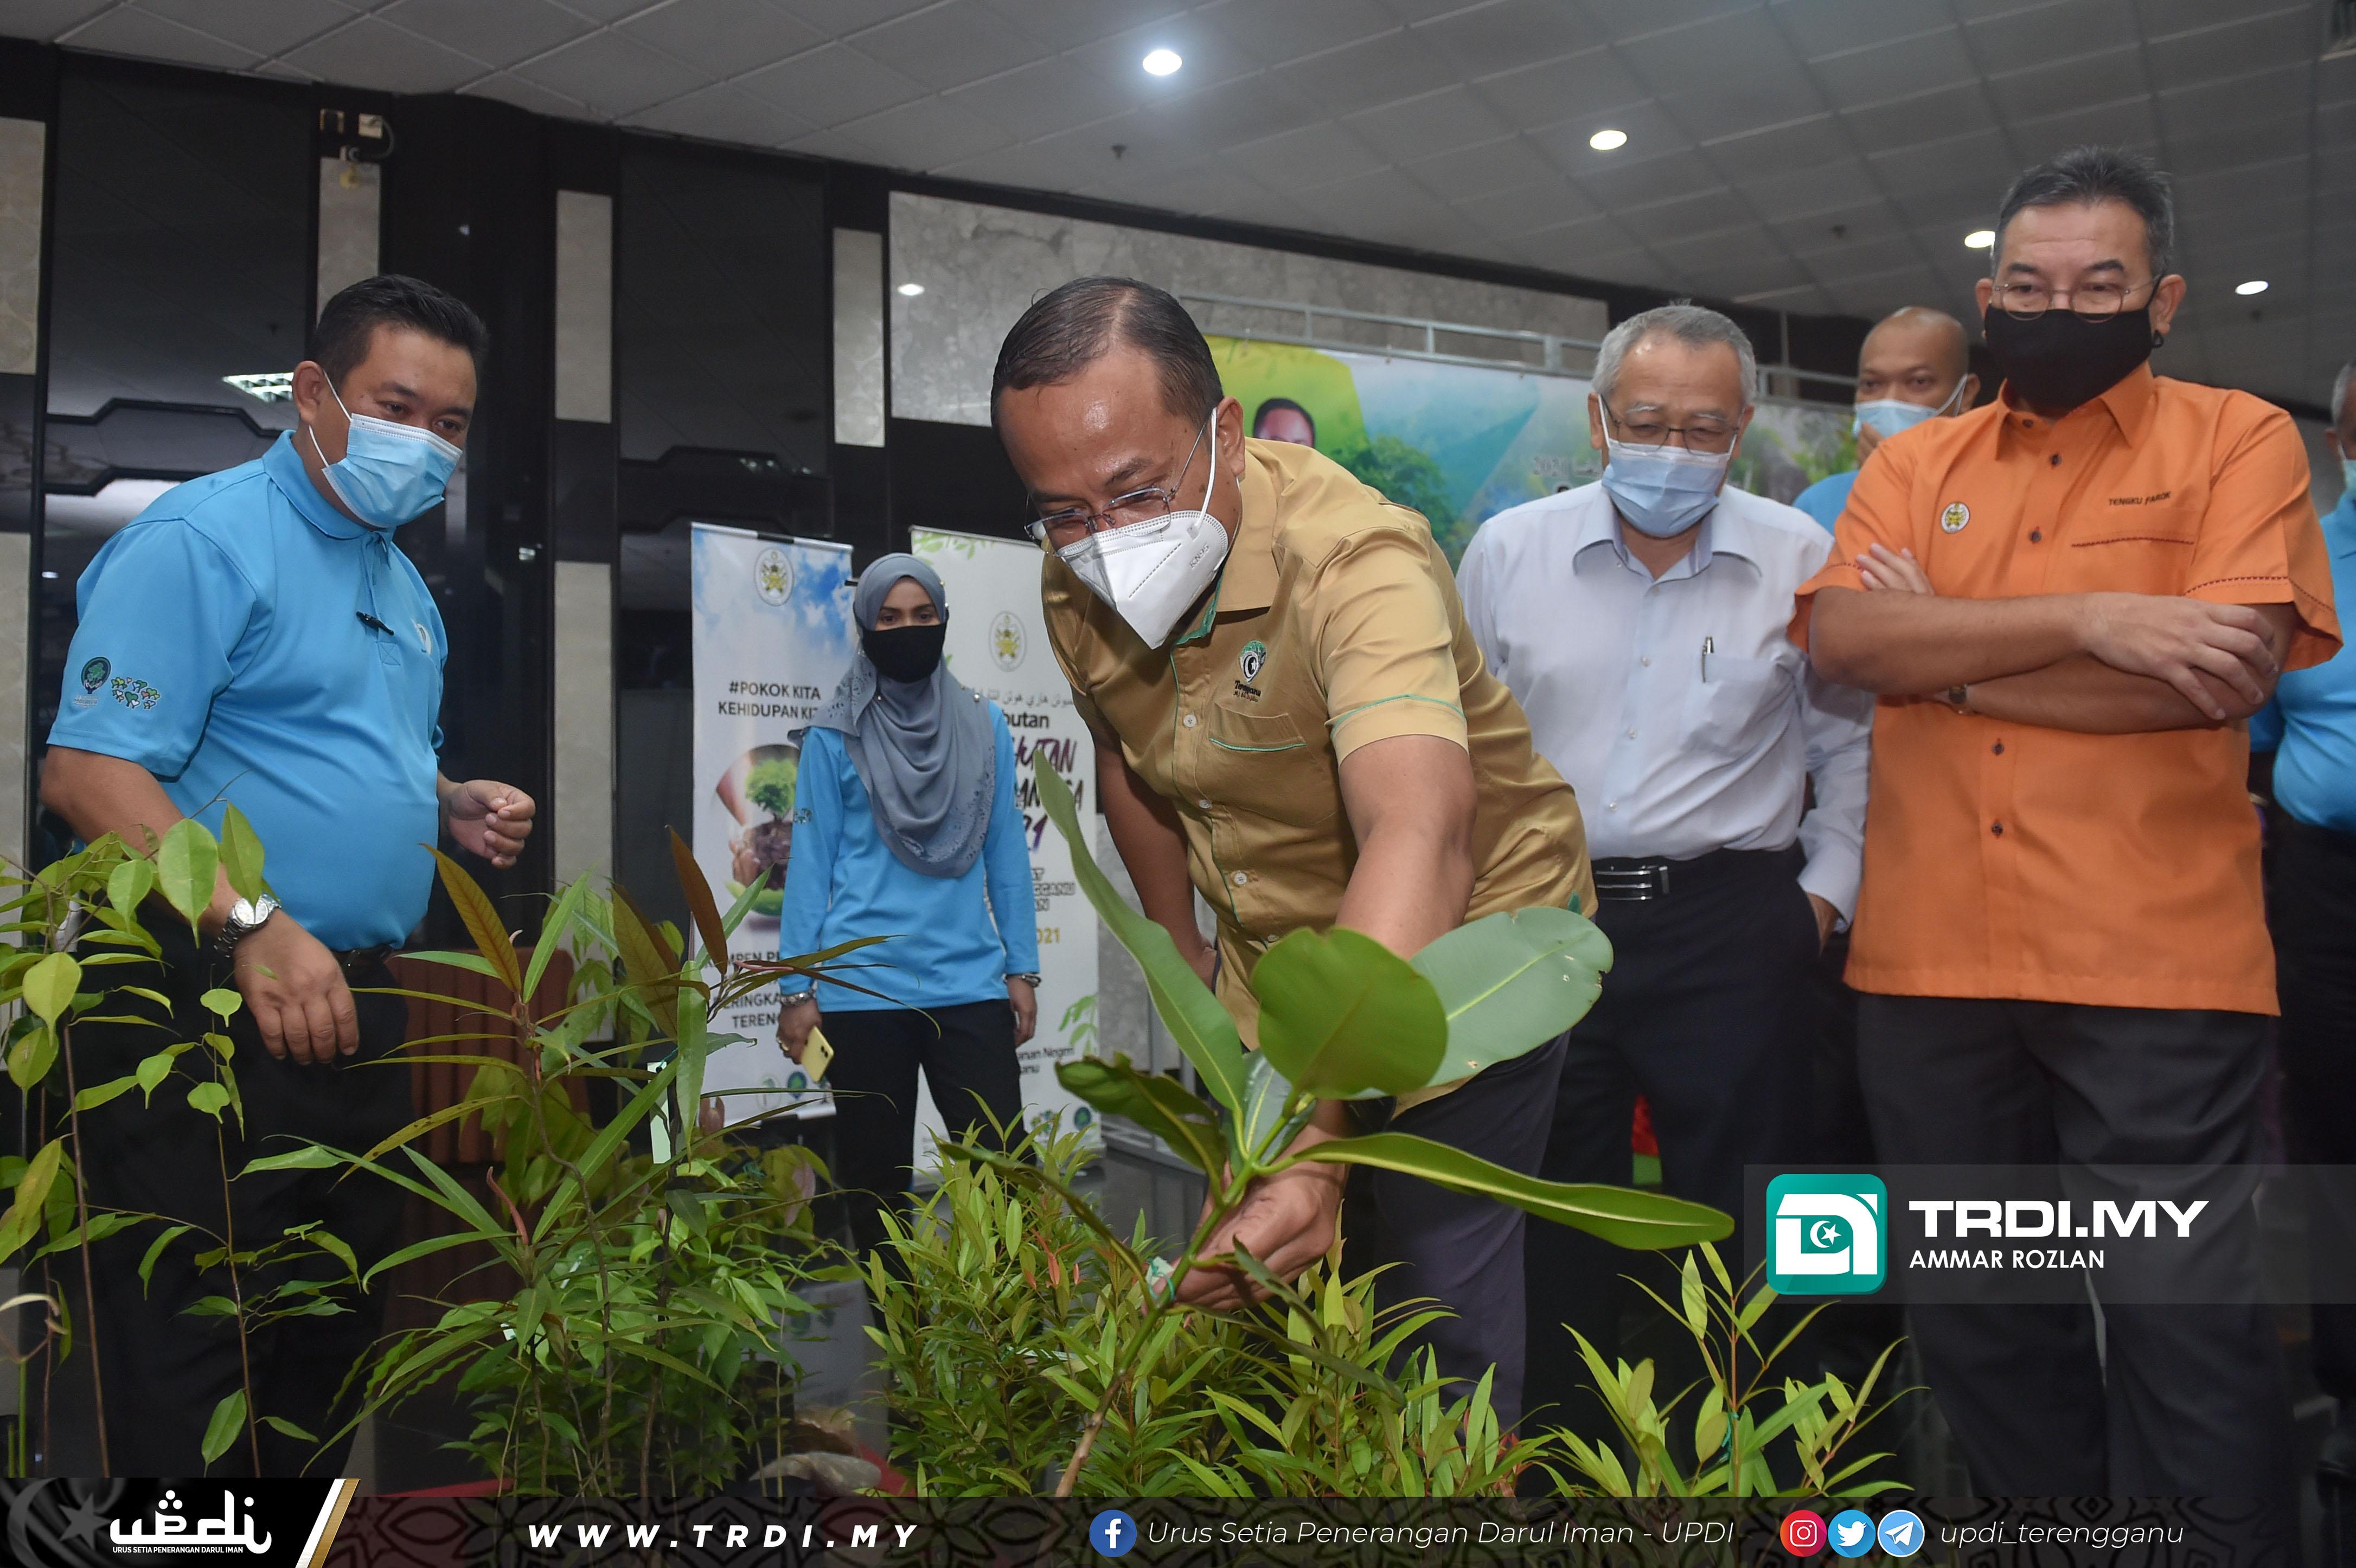 YAB Dato' Seri Dr. Ahmad Samsuri bin Mokhtar, Menteri Besar Terengganu menghadiri Majlis Pelancaran Dasar Perhutanan Malaysia bersempena Sambutan Hari Hutan Antarabangsa 2021